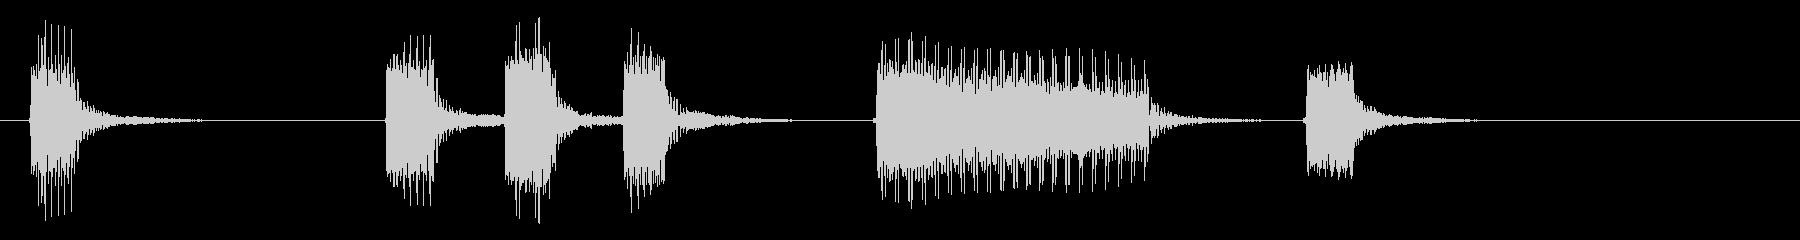 レトロゲームを思わせるサウンドの未再生の波形